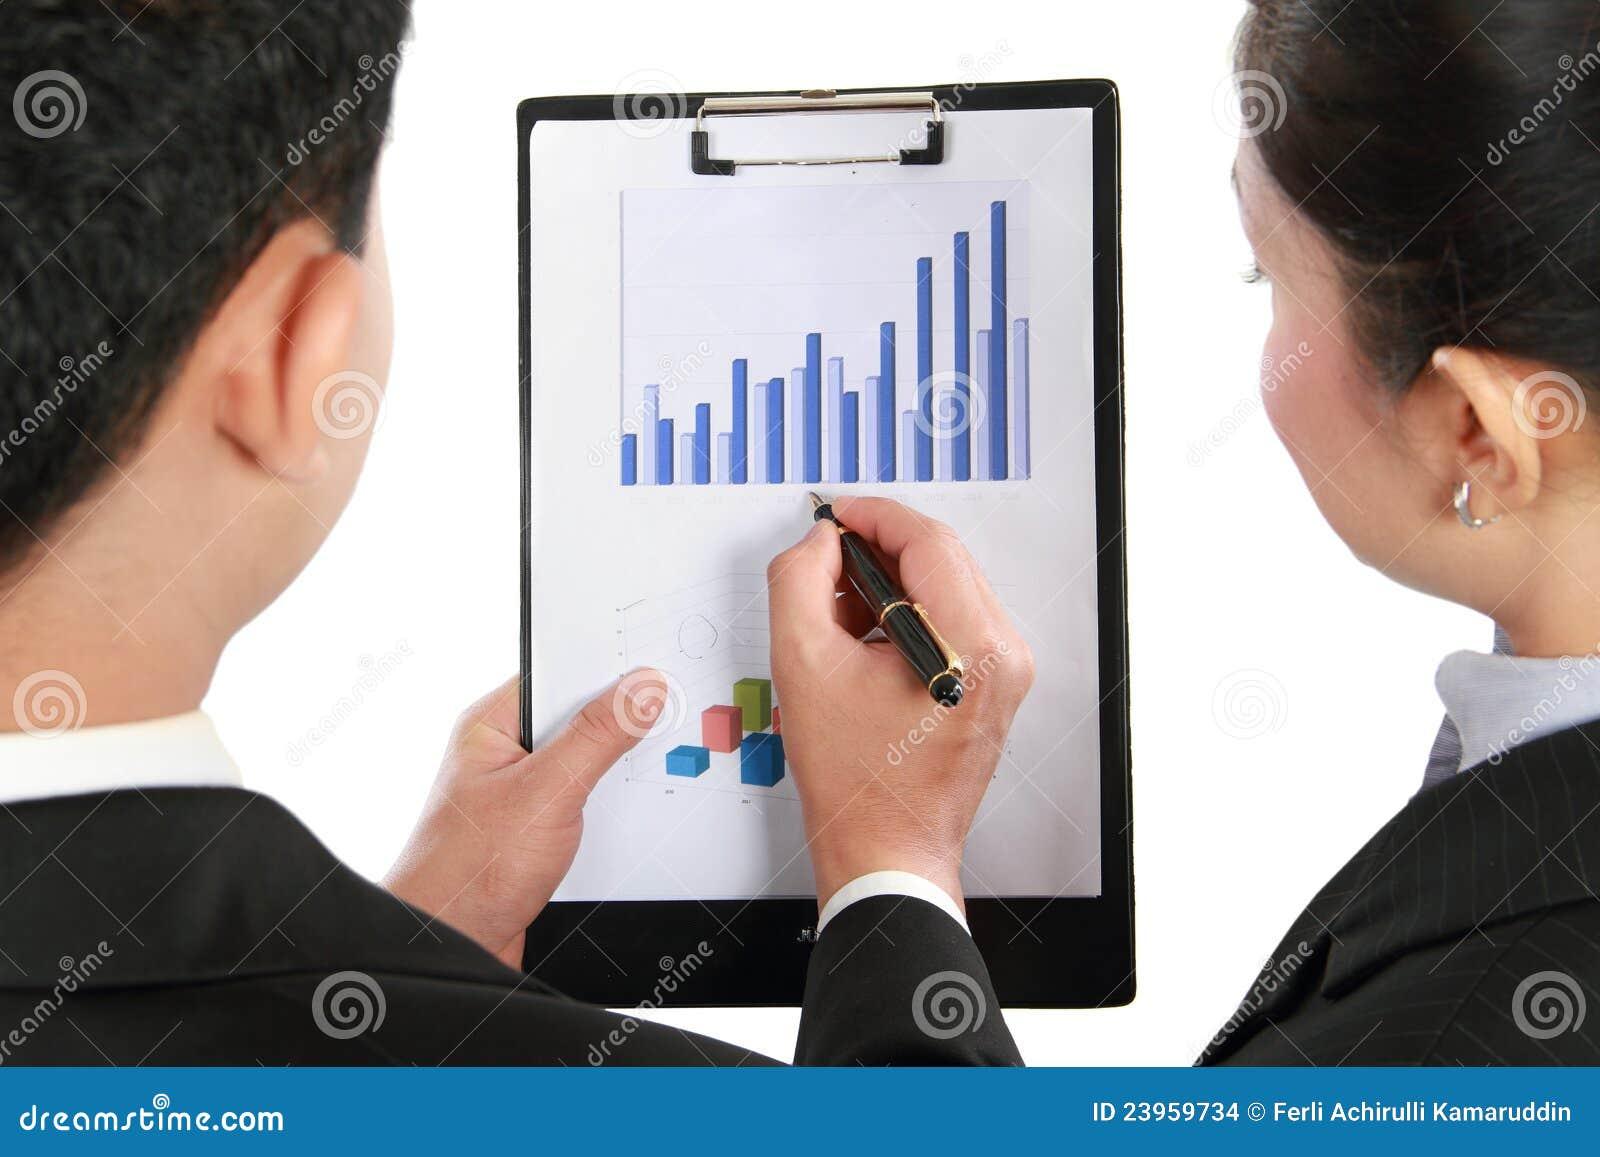 диаграмма в виде вертикальных полос обсуждая делающ представление человека